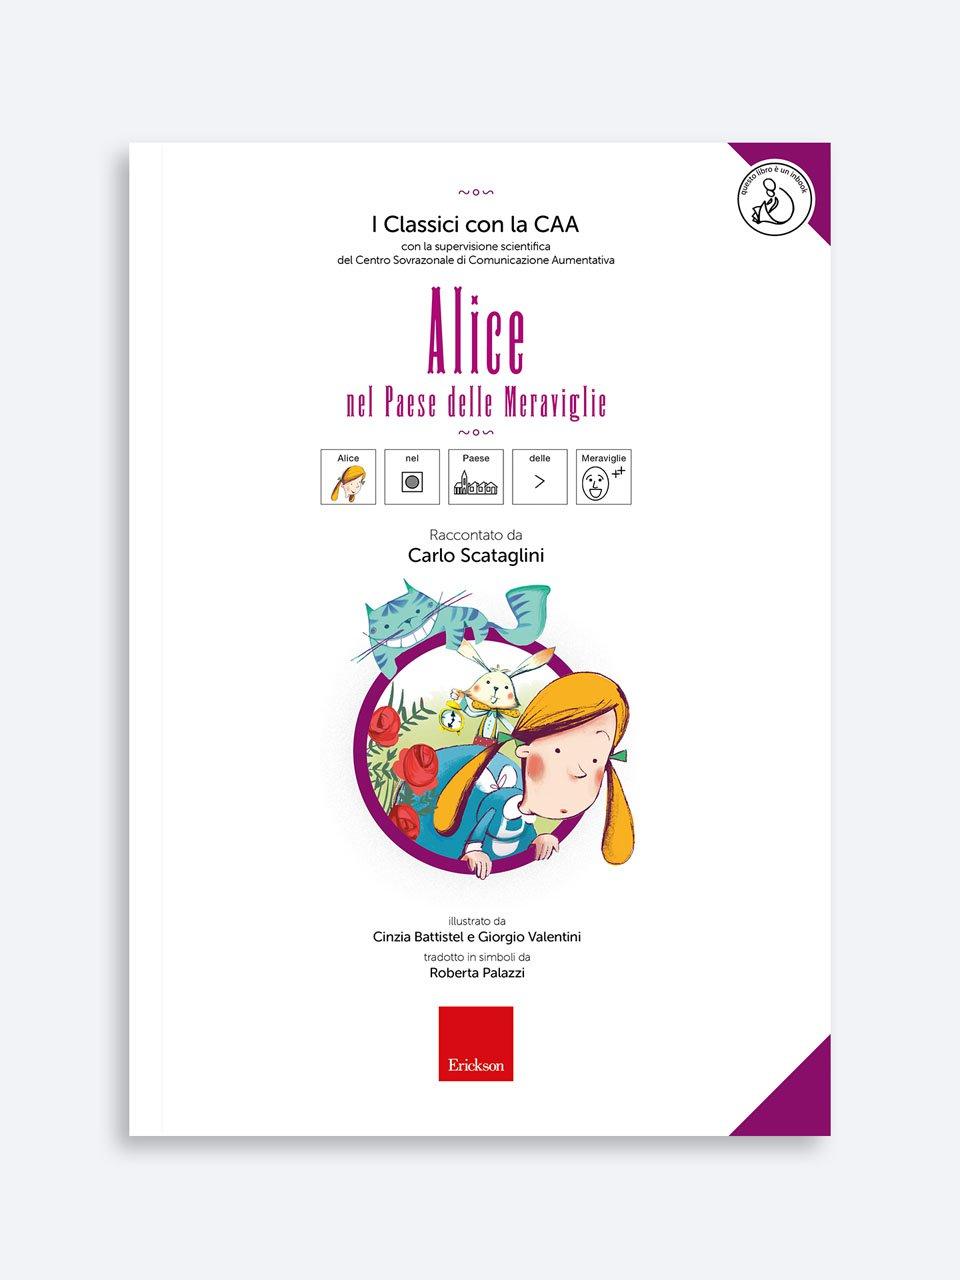 I Classici con la CAA - Alice nel Paese delle Meraviglie - I Classici con la CAA - Pinocchio - Libri - Erickson